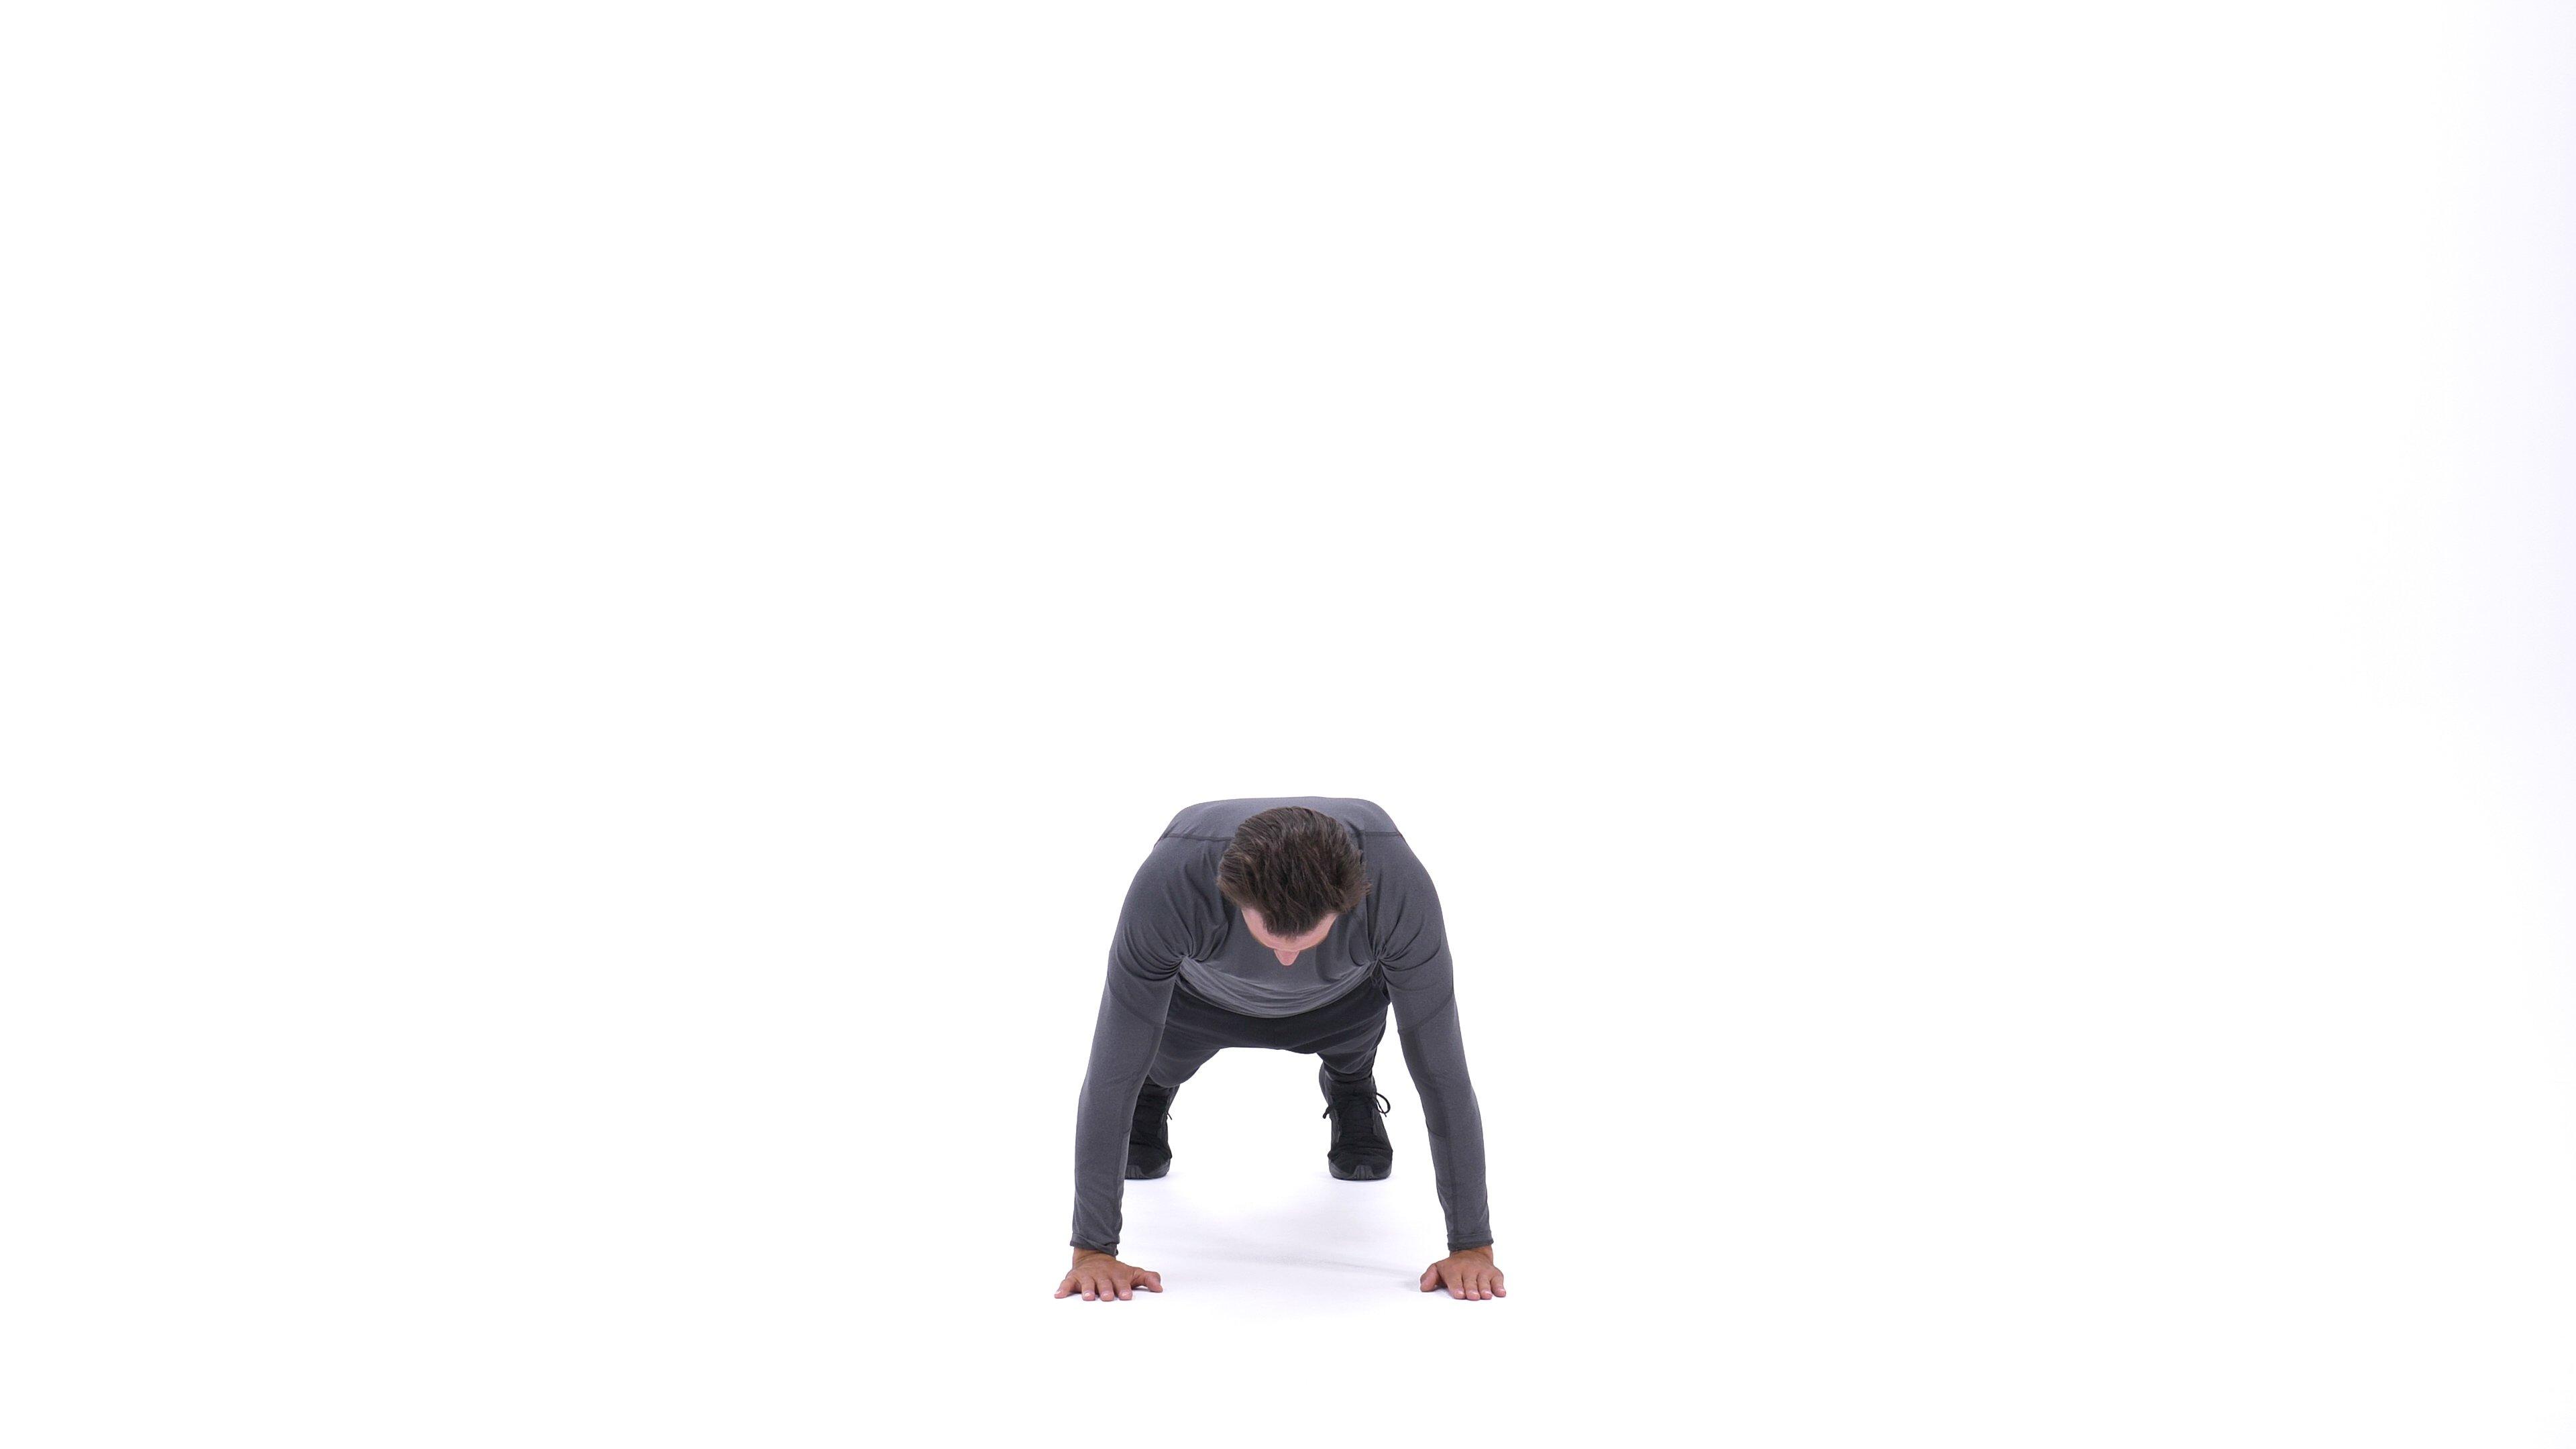 Shoulder tap image